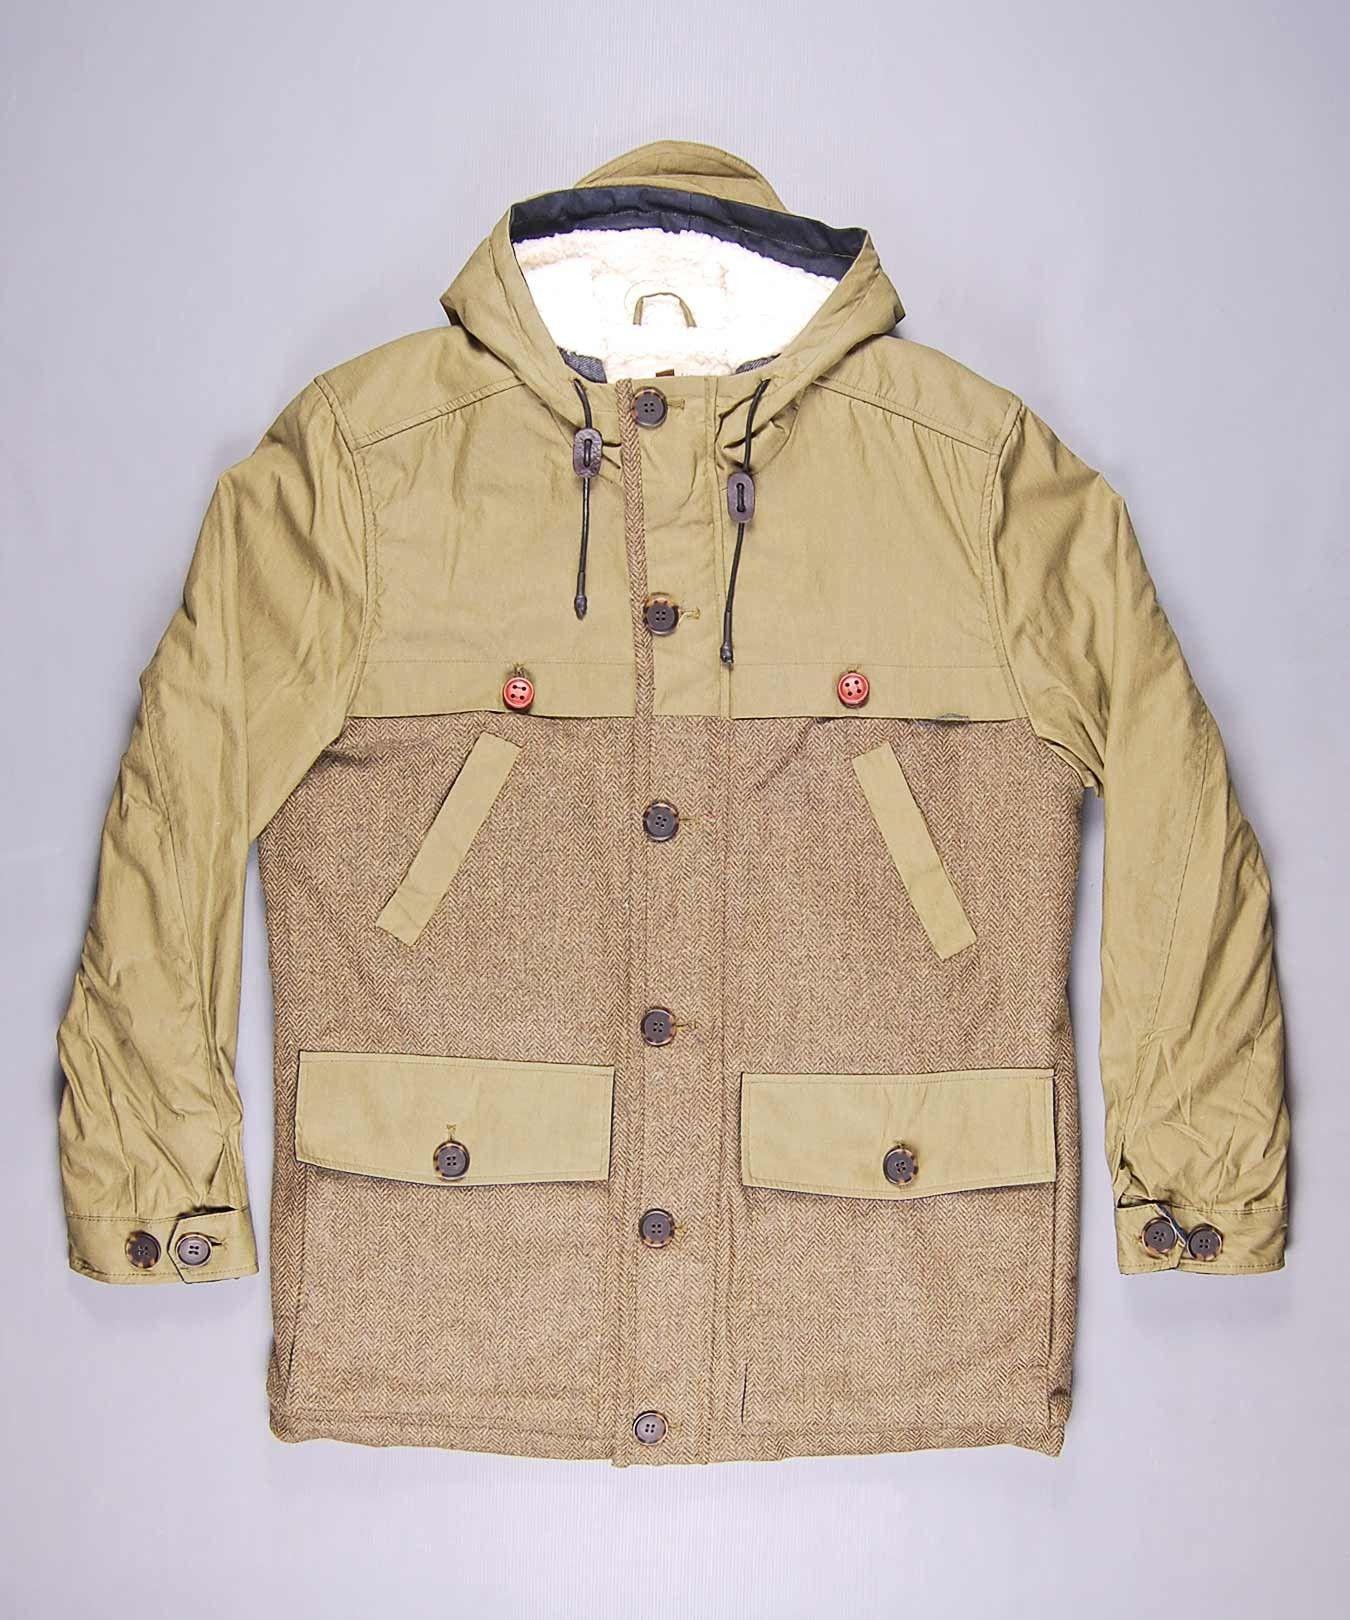 Suit Denmark at Weavers Door | SUIT Denmark | AW12 | Outerwear | Coats u0026 Jackets & Suit Denmark at Weavers Door | SUIT Denmark | AW12 | Outerwear ...